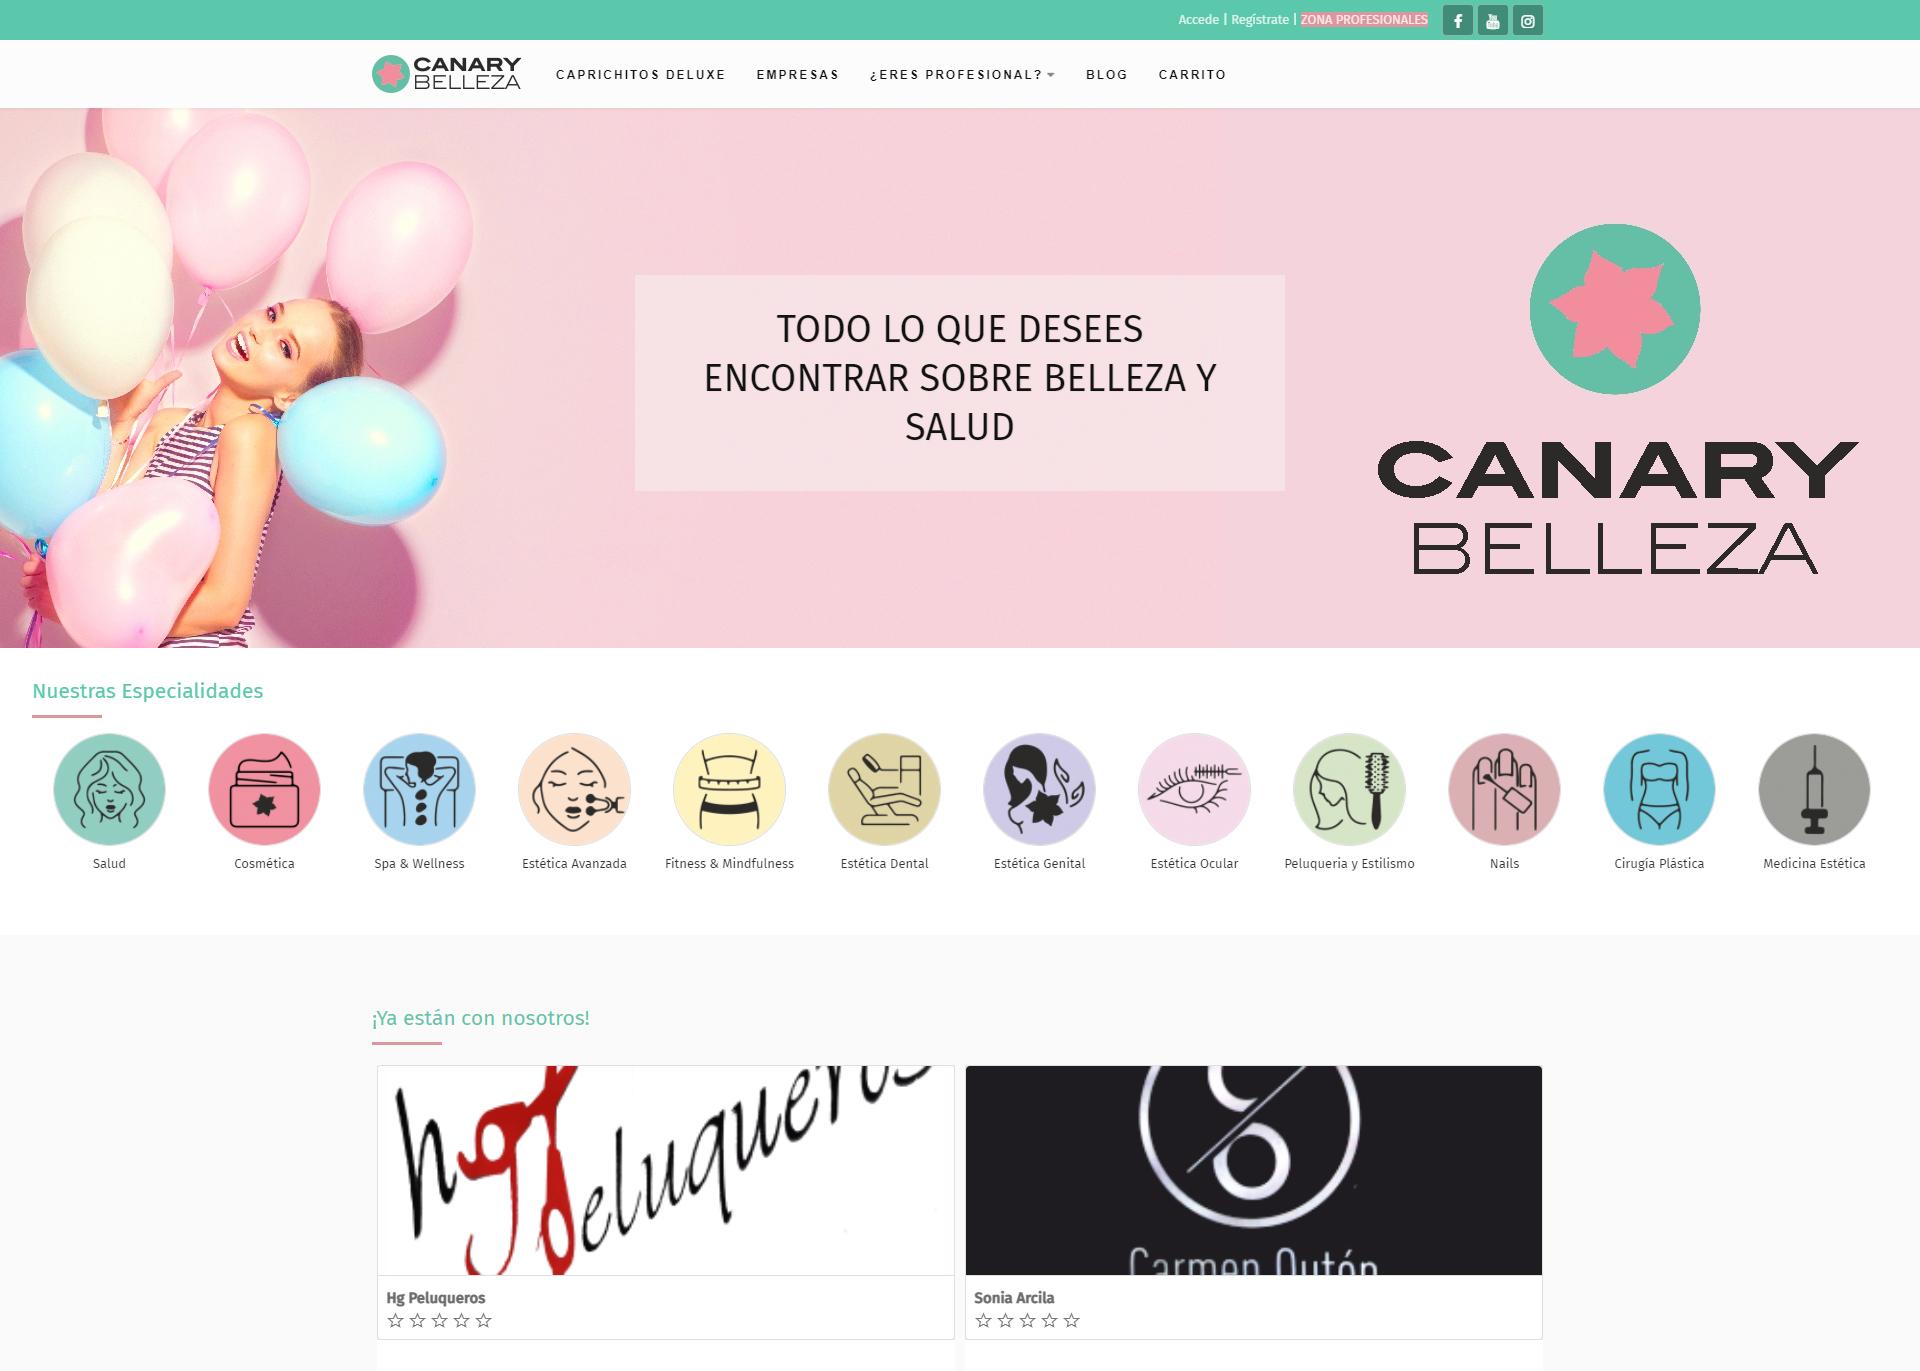 canarybelleza.com